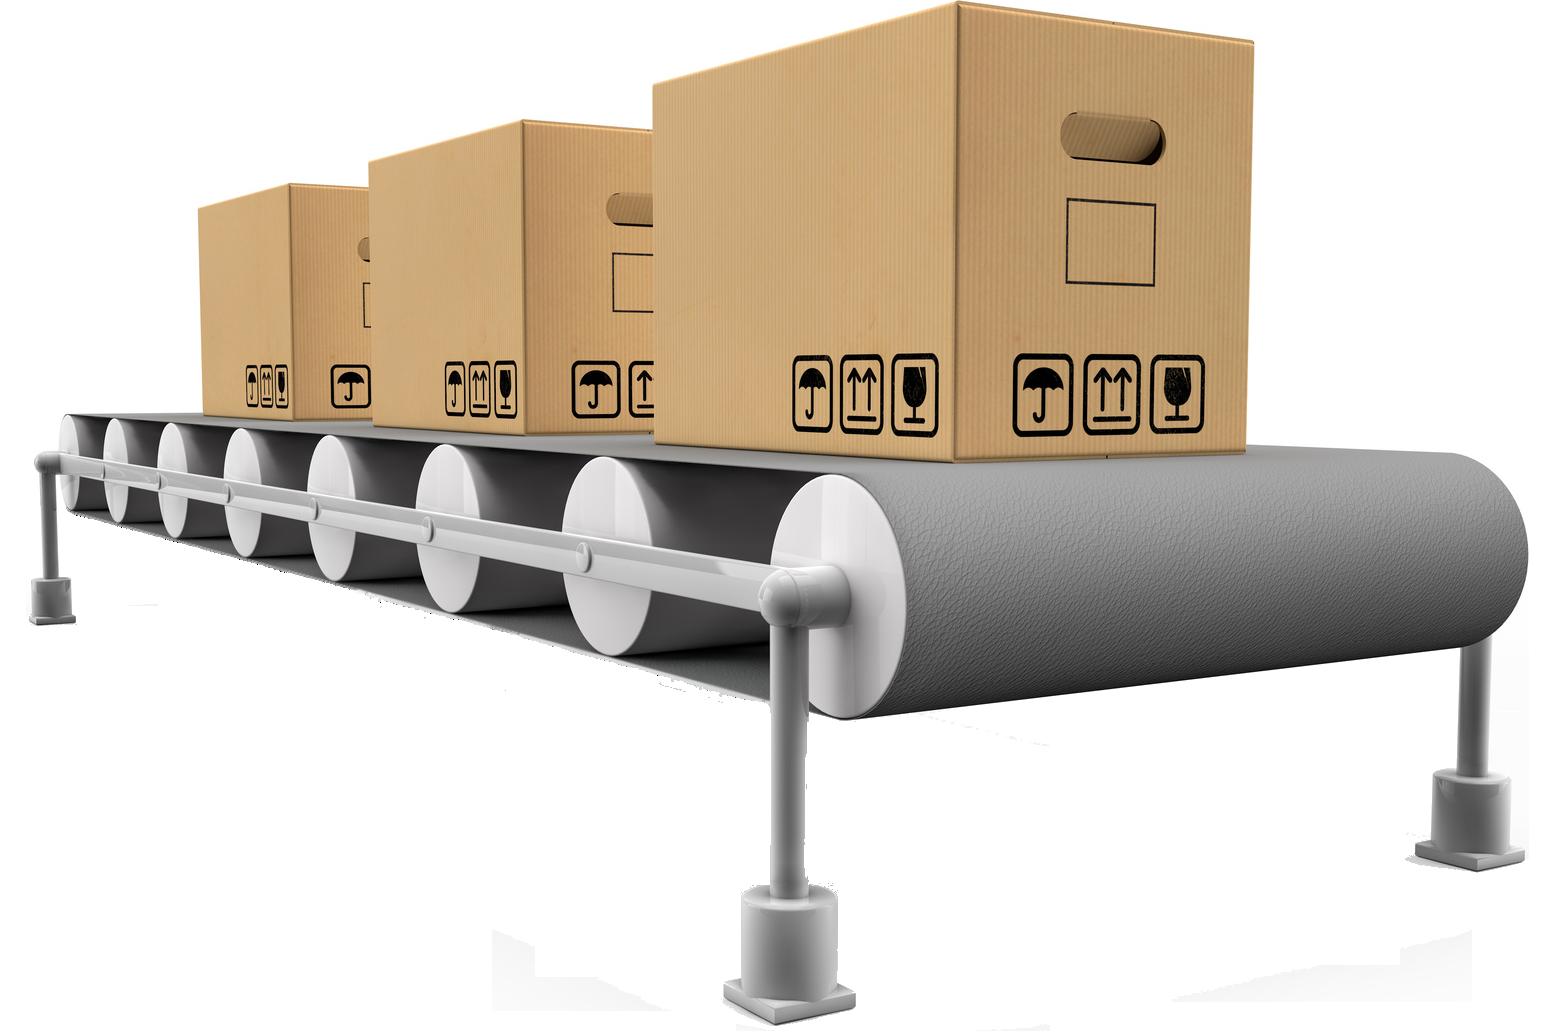 Produktion Fertigung Webshop Onlineshop integriert OXID Magento Shopware Dynamics NAV